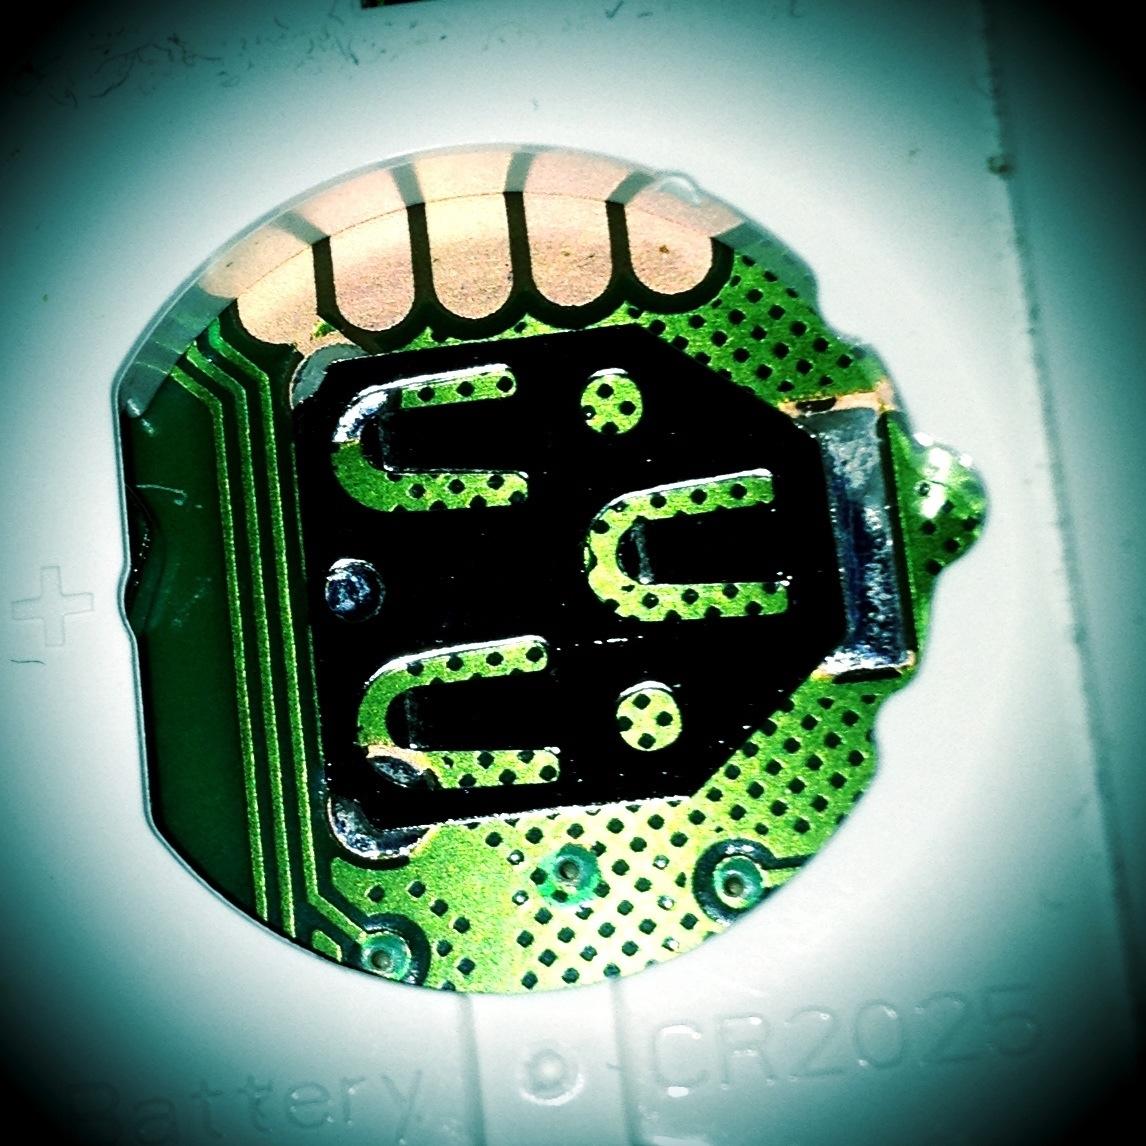 Faszination Technik - Das Batteriefach einer Fernbedienung